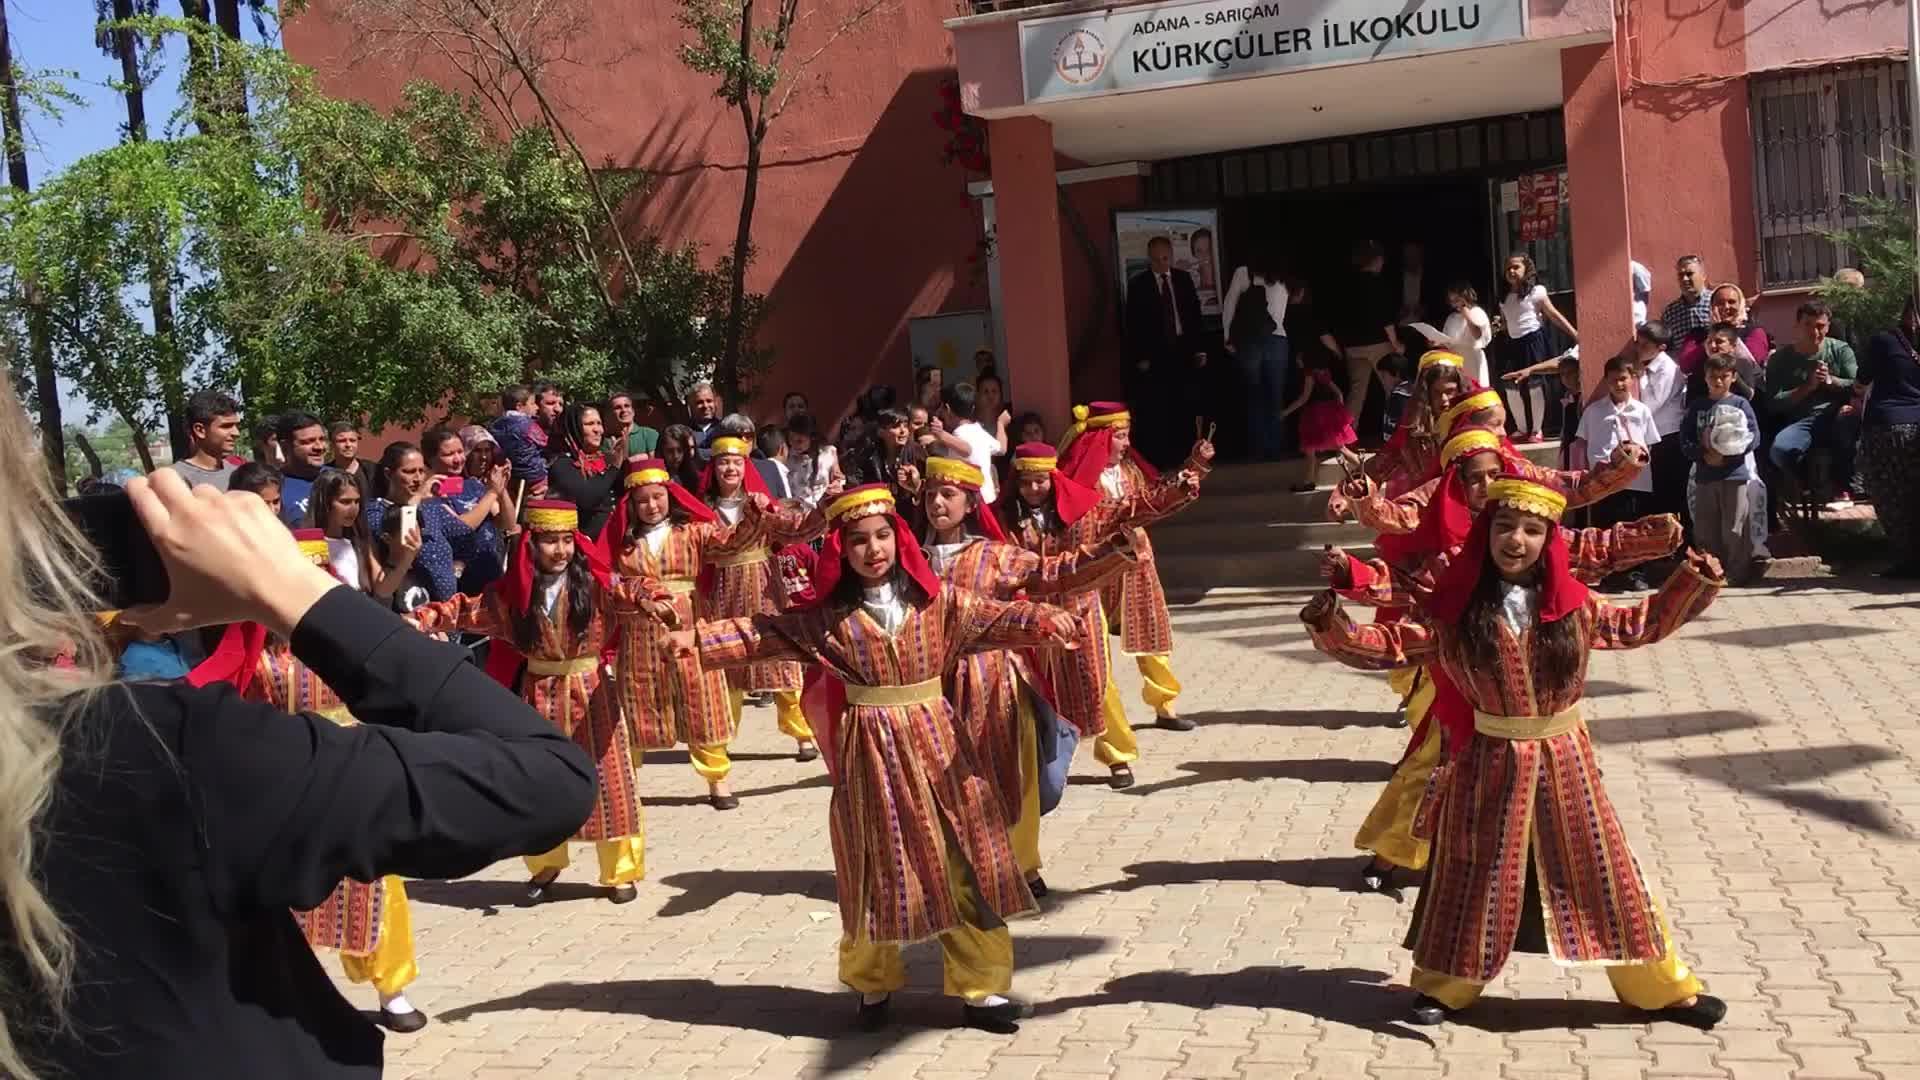 Adana Kürkçüler Ilkokulu öğrencilerinden Erik Dalı Oyunu Izle